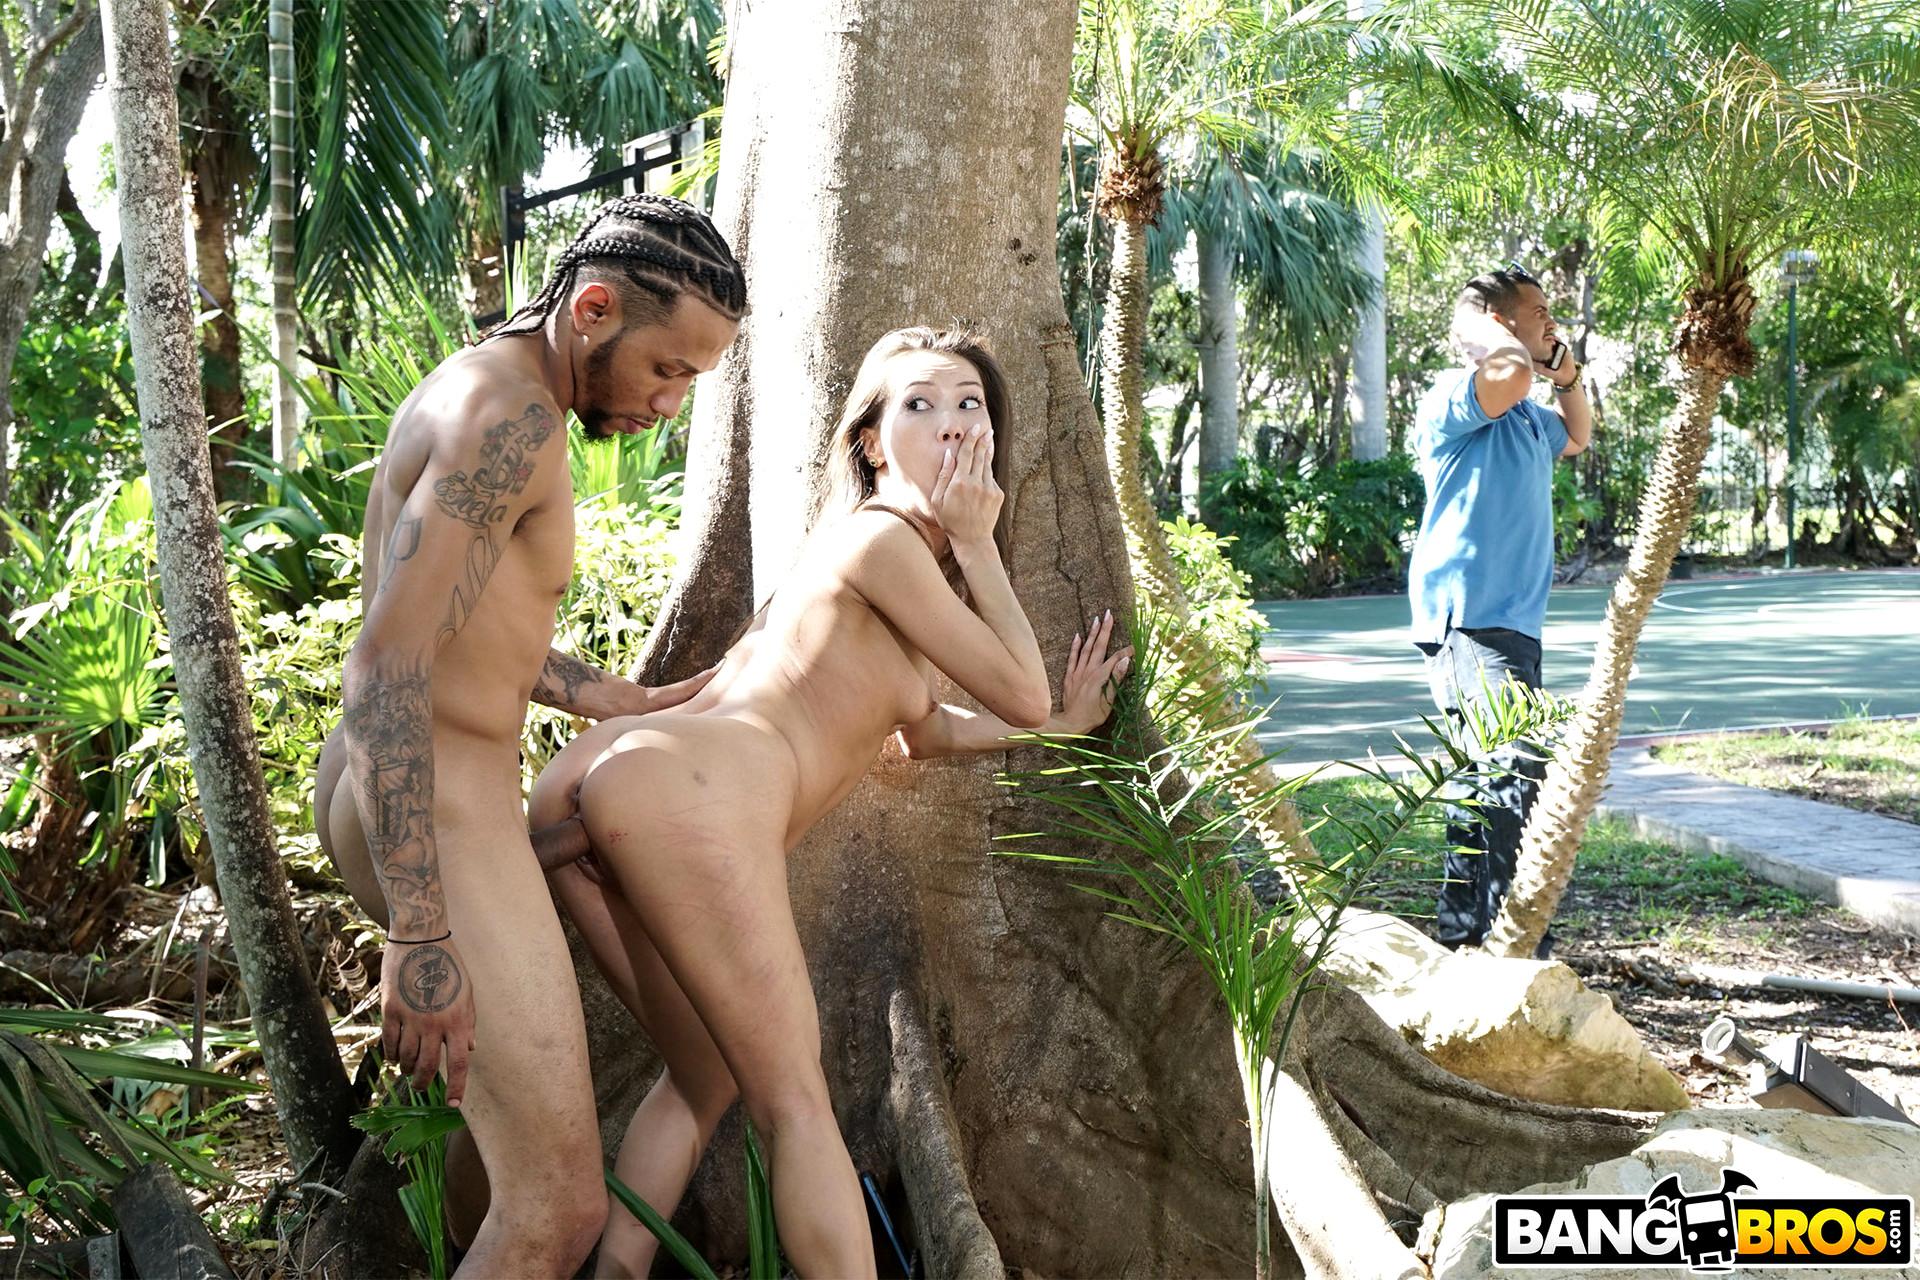 XXX Jungle Pics, XXX Jungle Galery, Jungle Sex Images